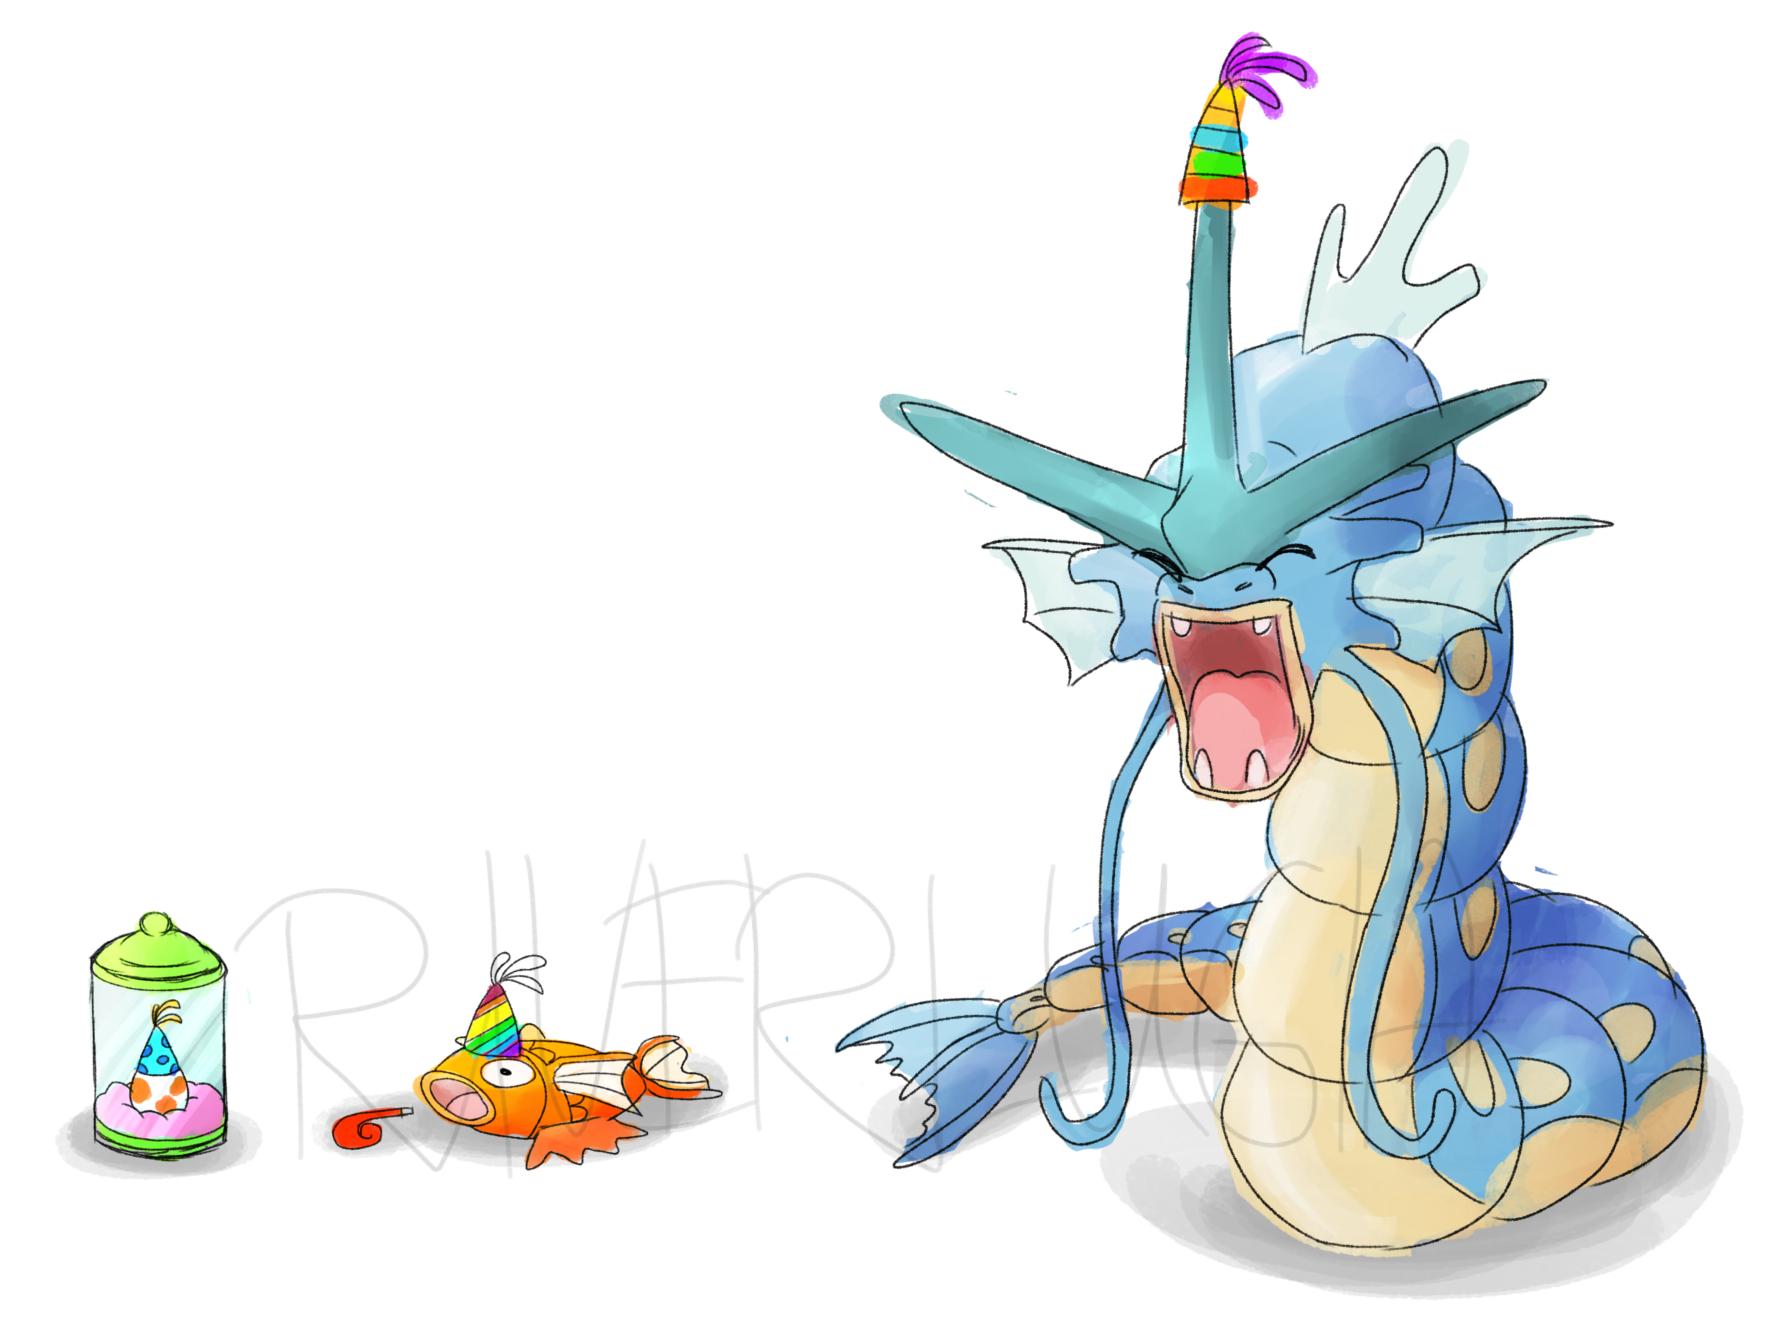 Pokémon-Zeichnung: They Grow Up So Fast